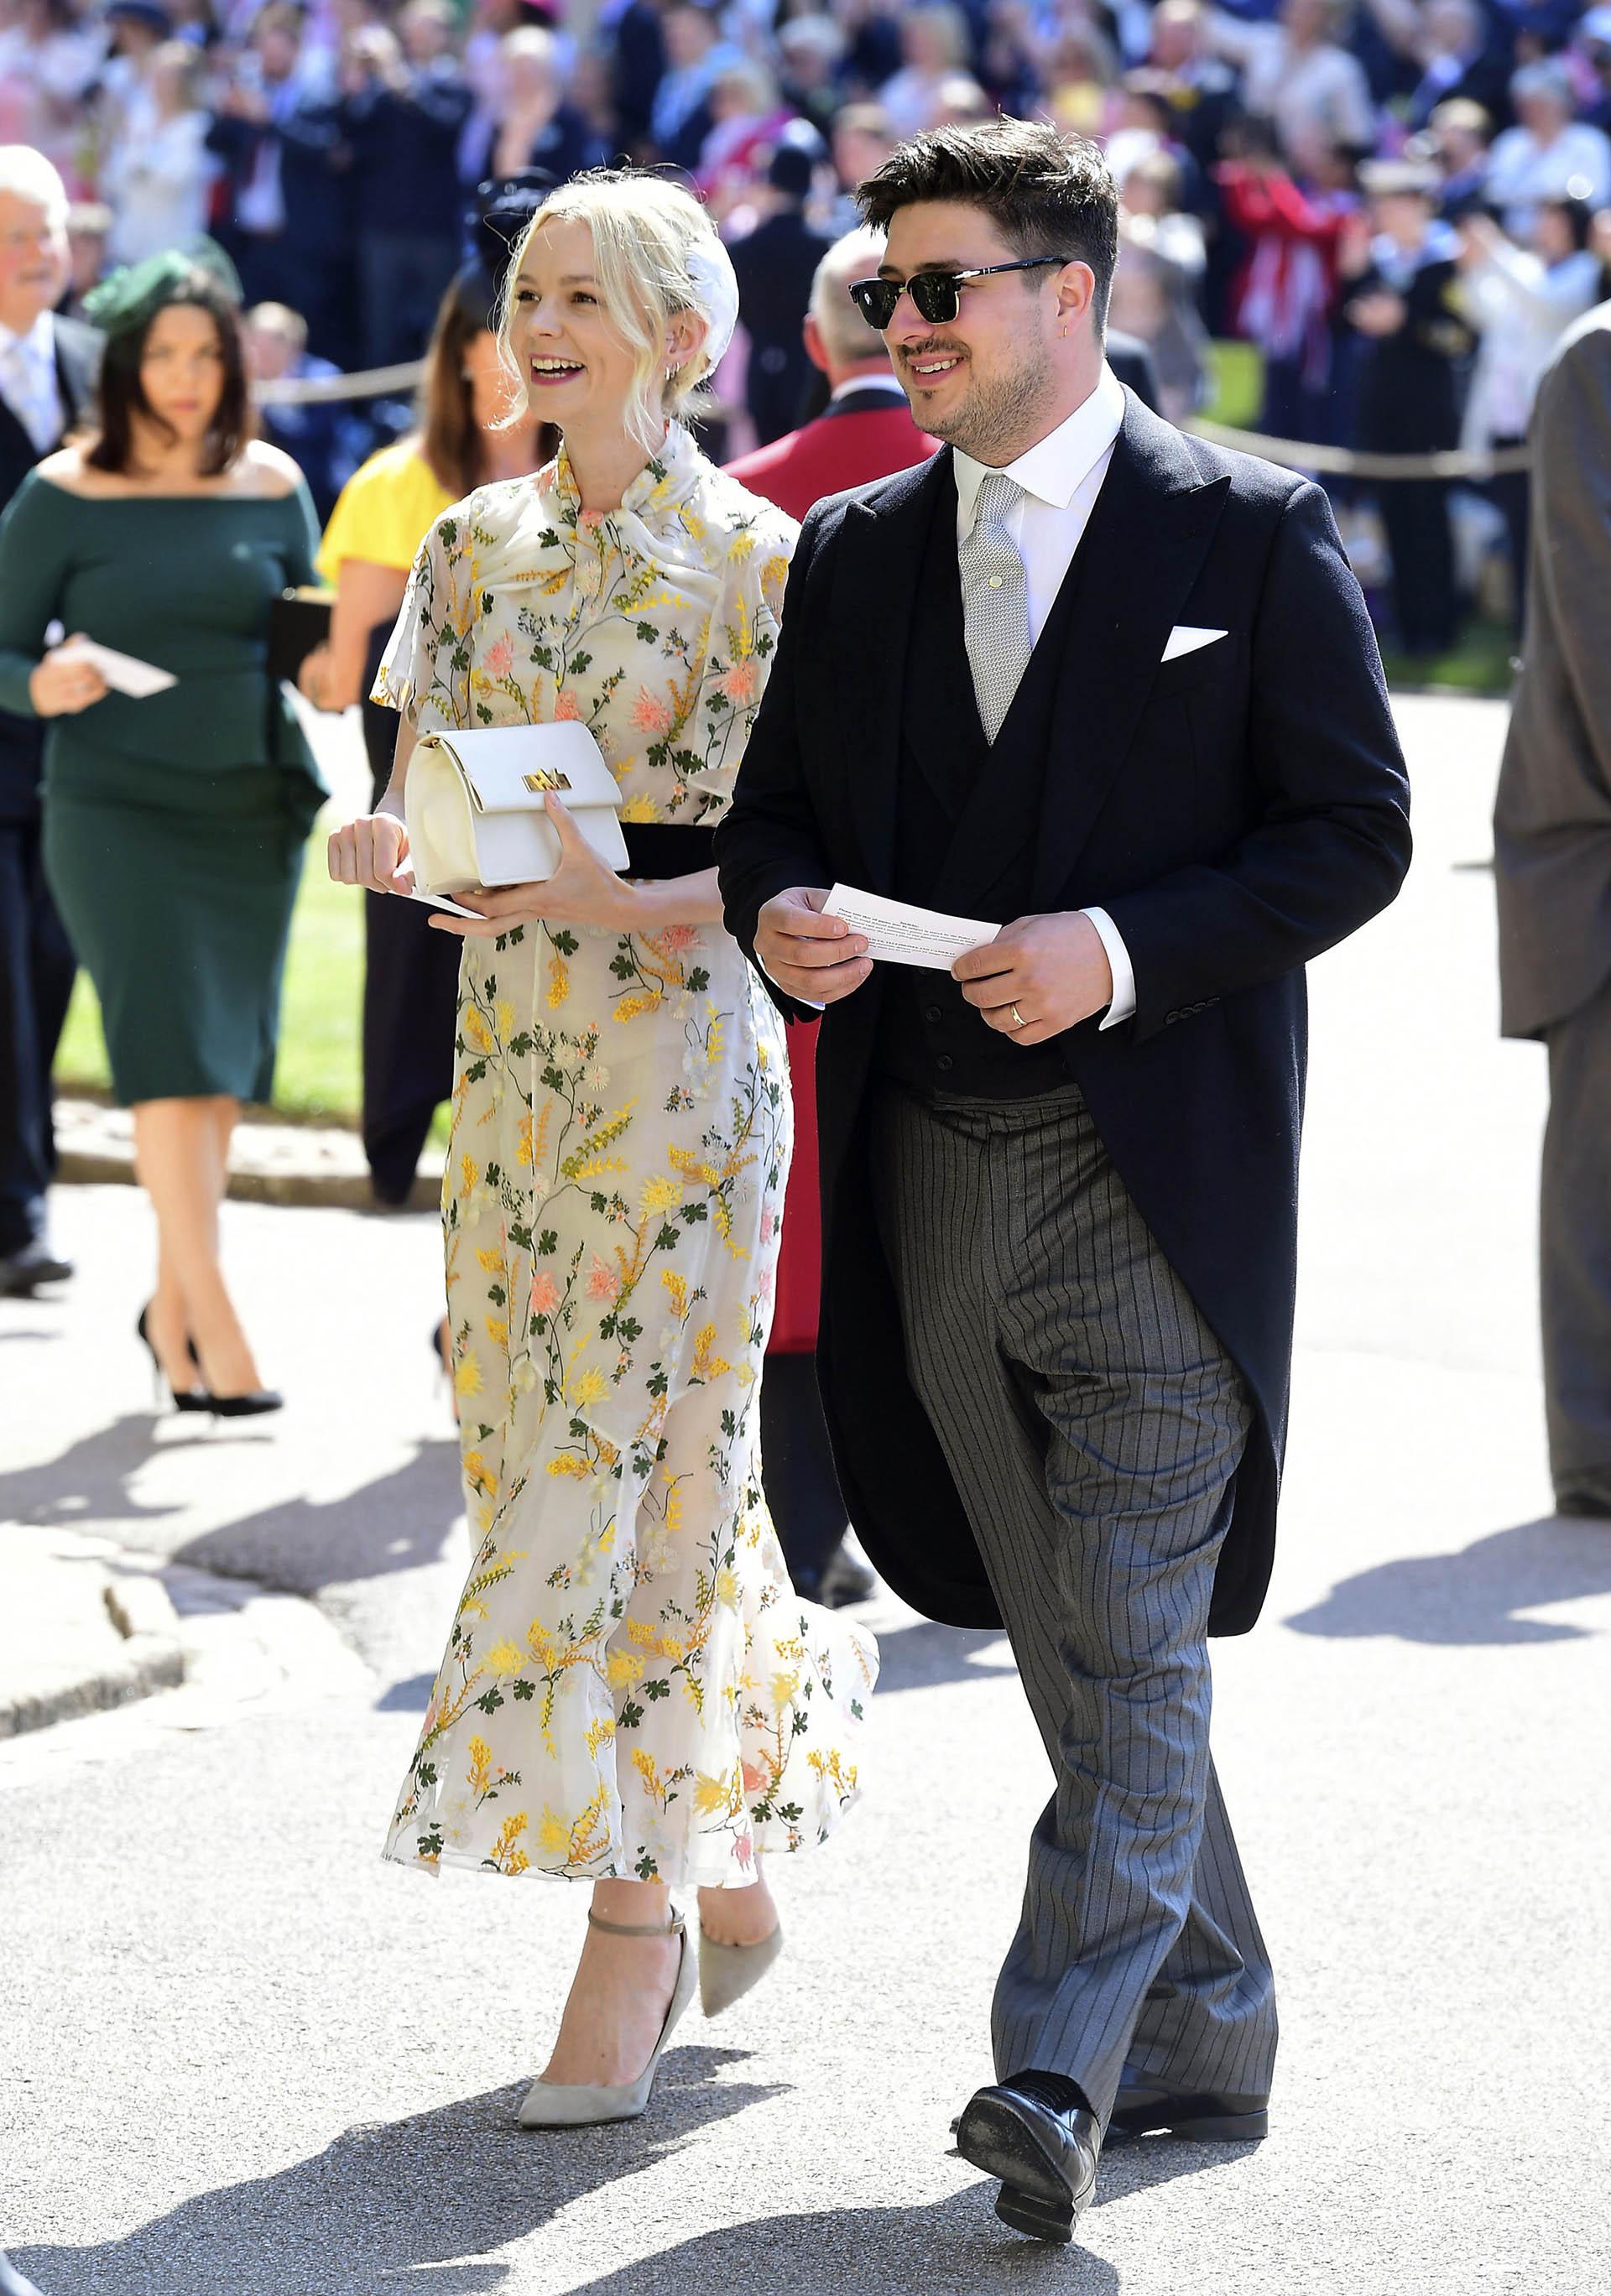 El rocker y la actriz, Marcus Mumford y Carey Mulligan (AP)